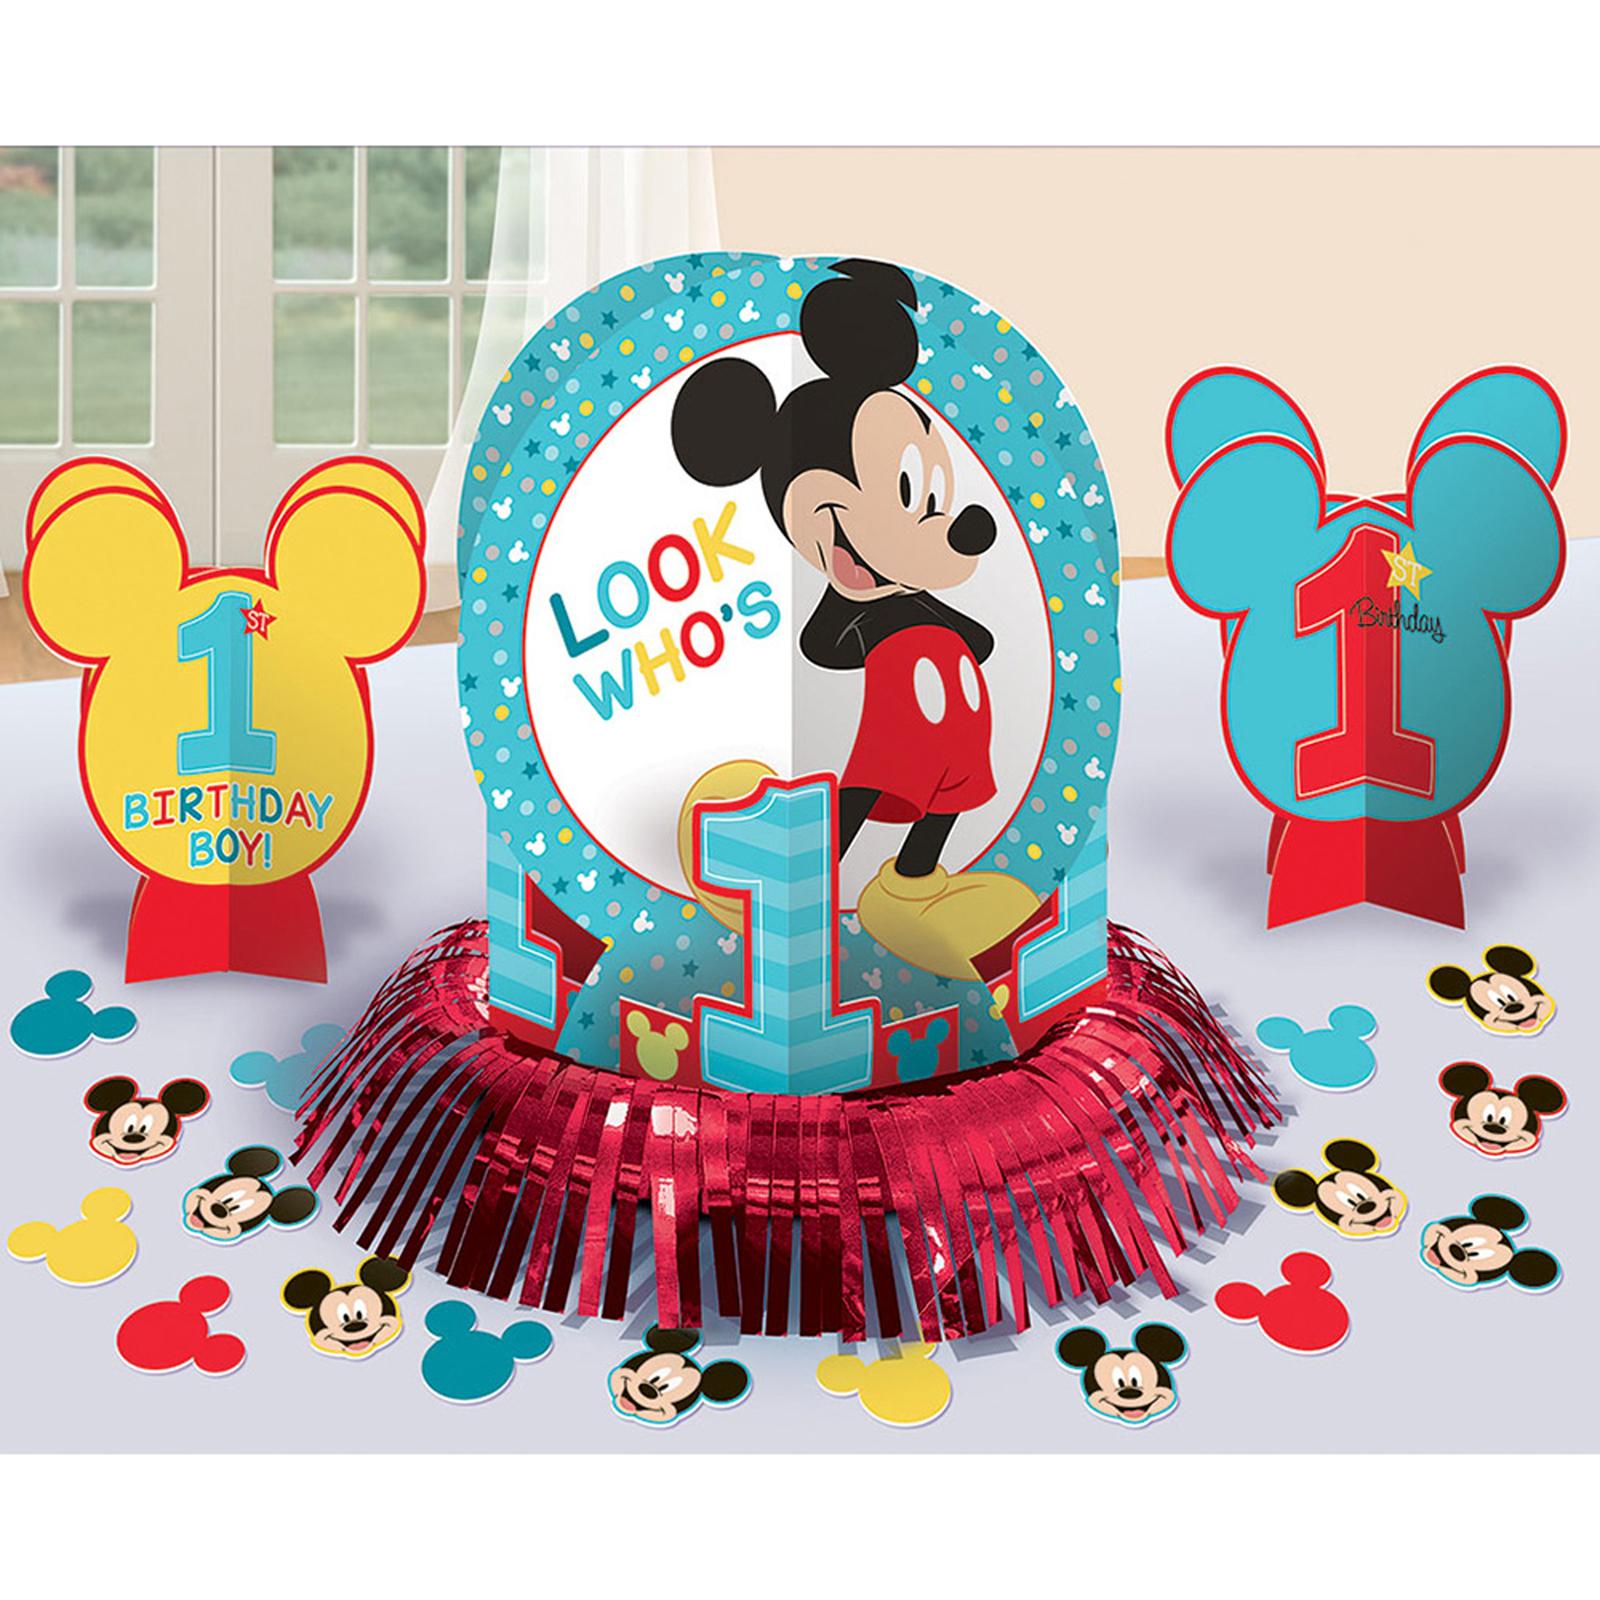 Disney Mickey Mouse 1st Birthday Decoration Kit BirthdayExpresscom